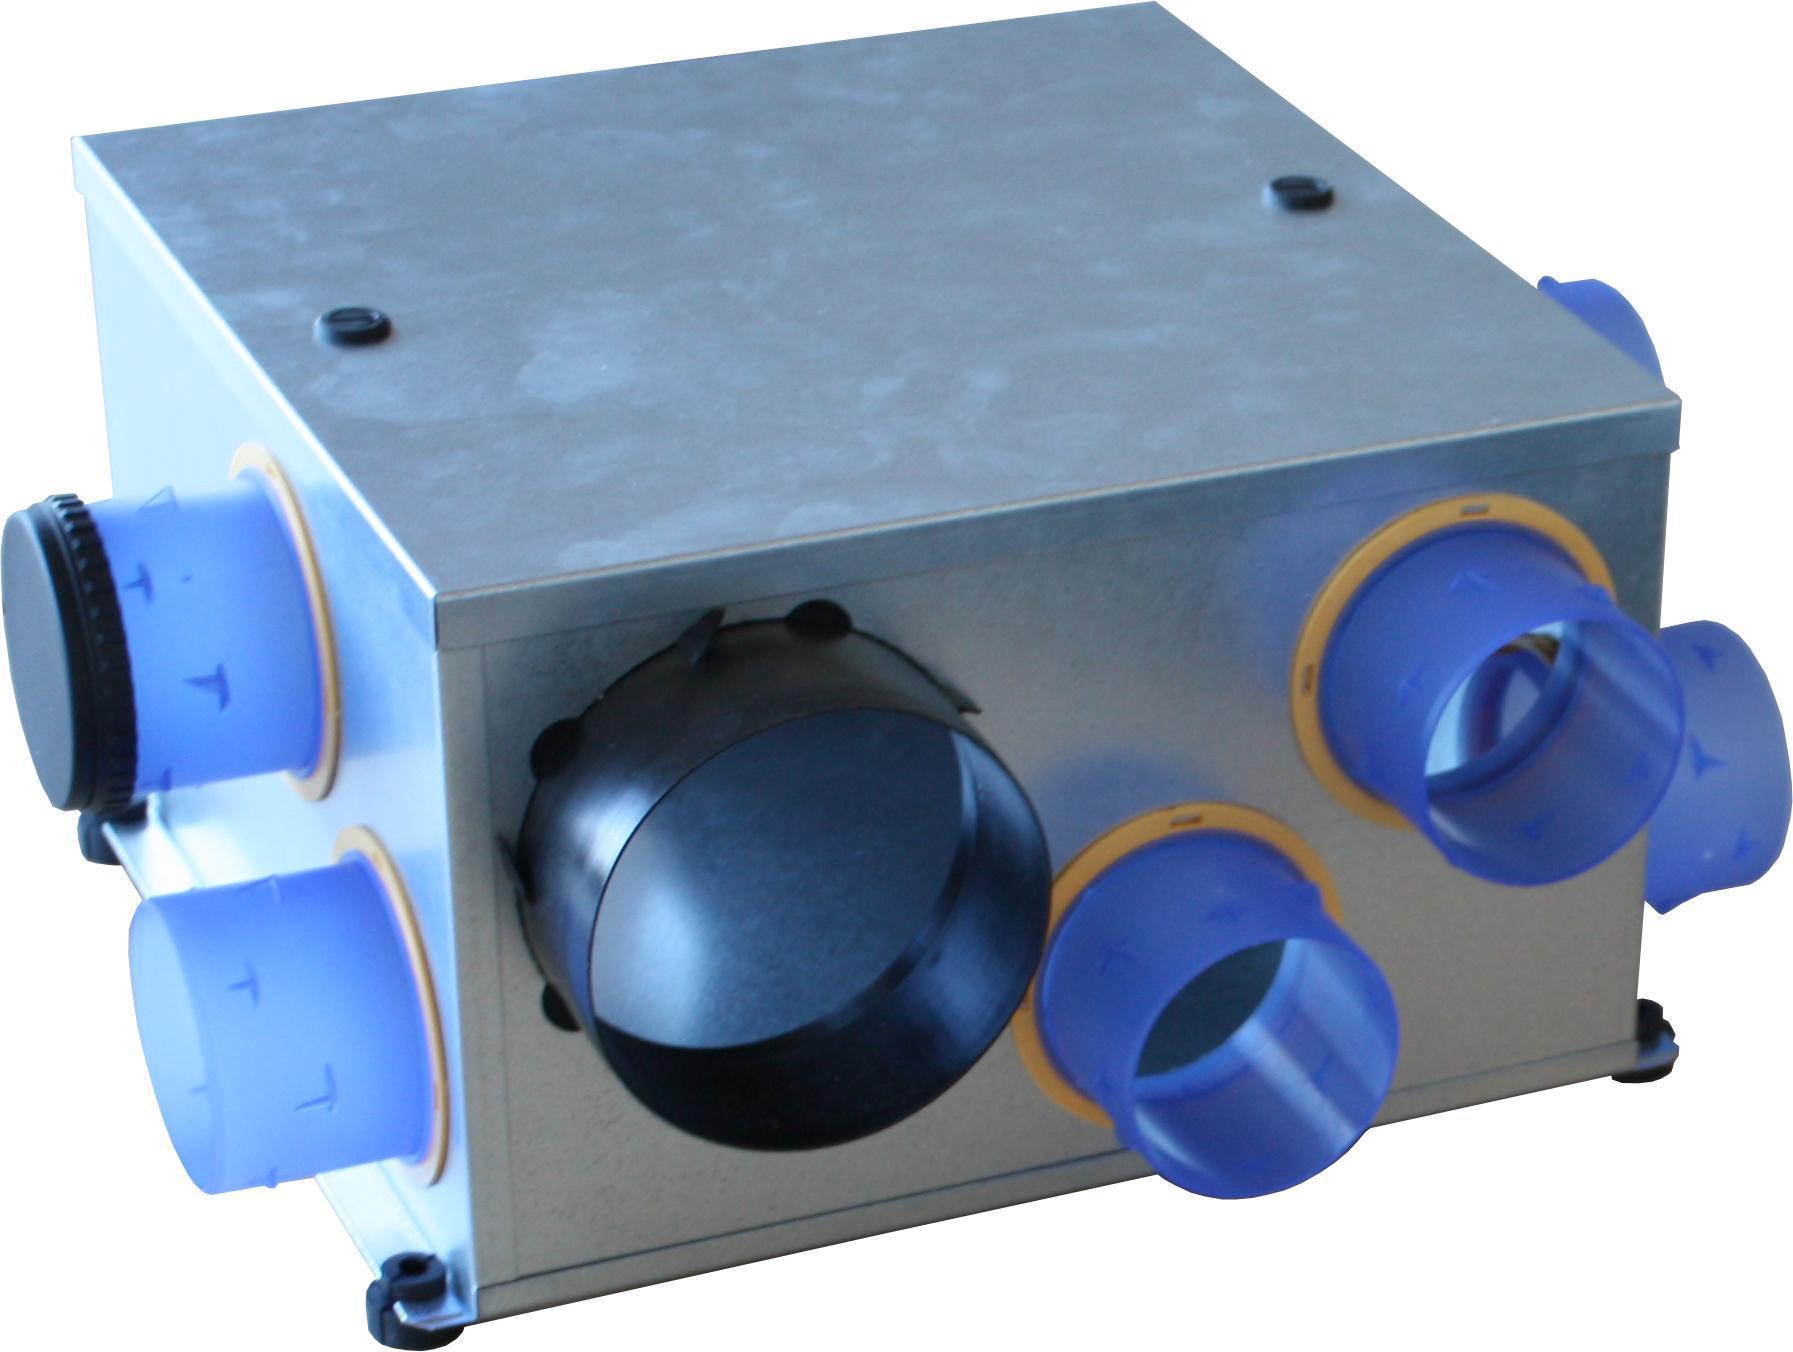 Kit vmc simple flux t3 t7 hygror glable microgem hb cc 3 bouches - Vmc simple flux autoreglable ou hygroreglable ...